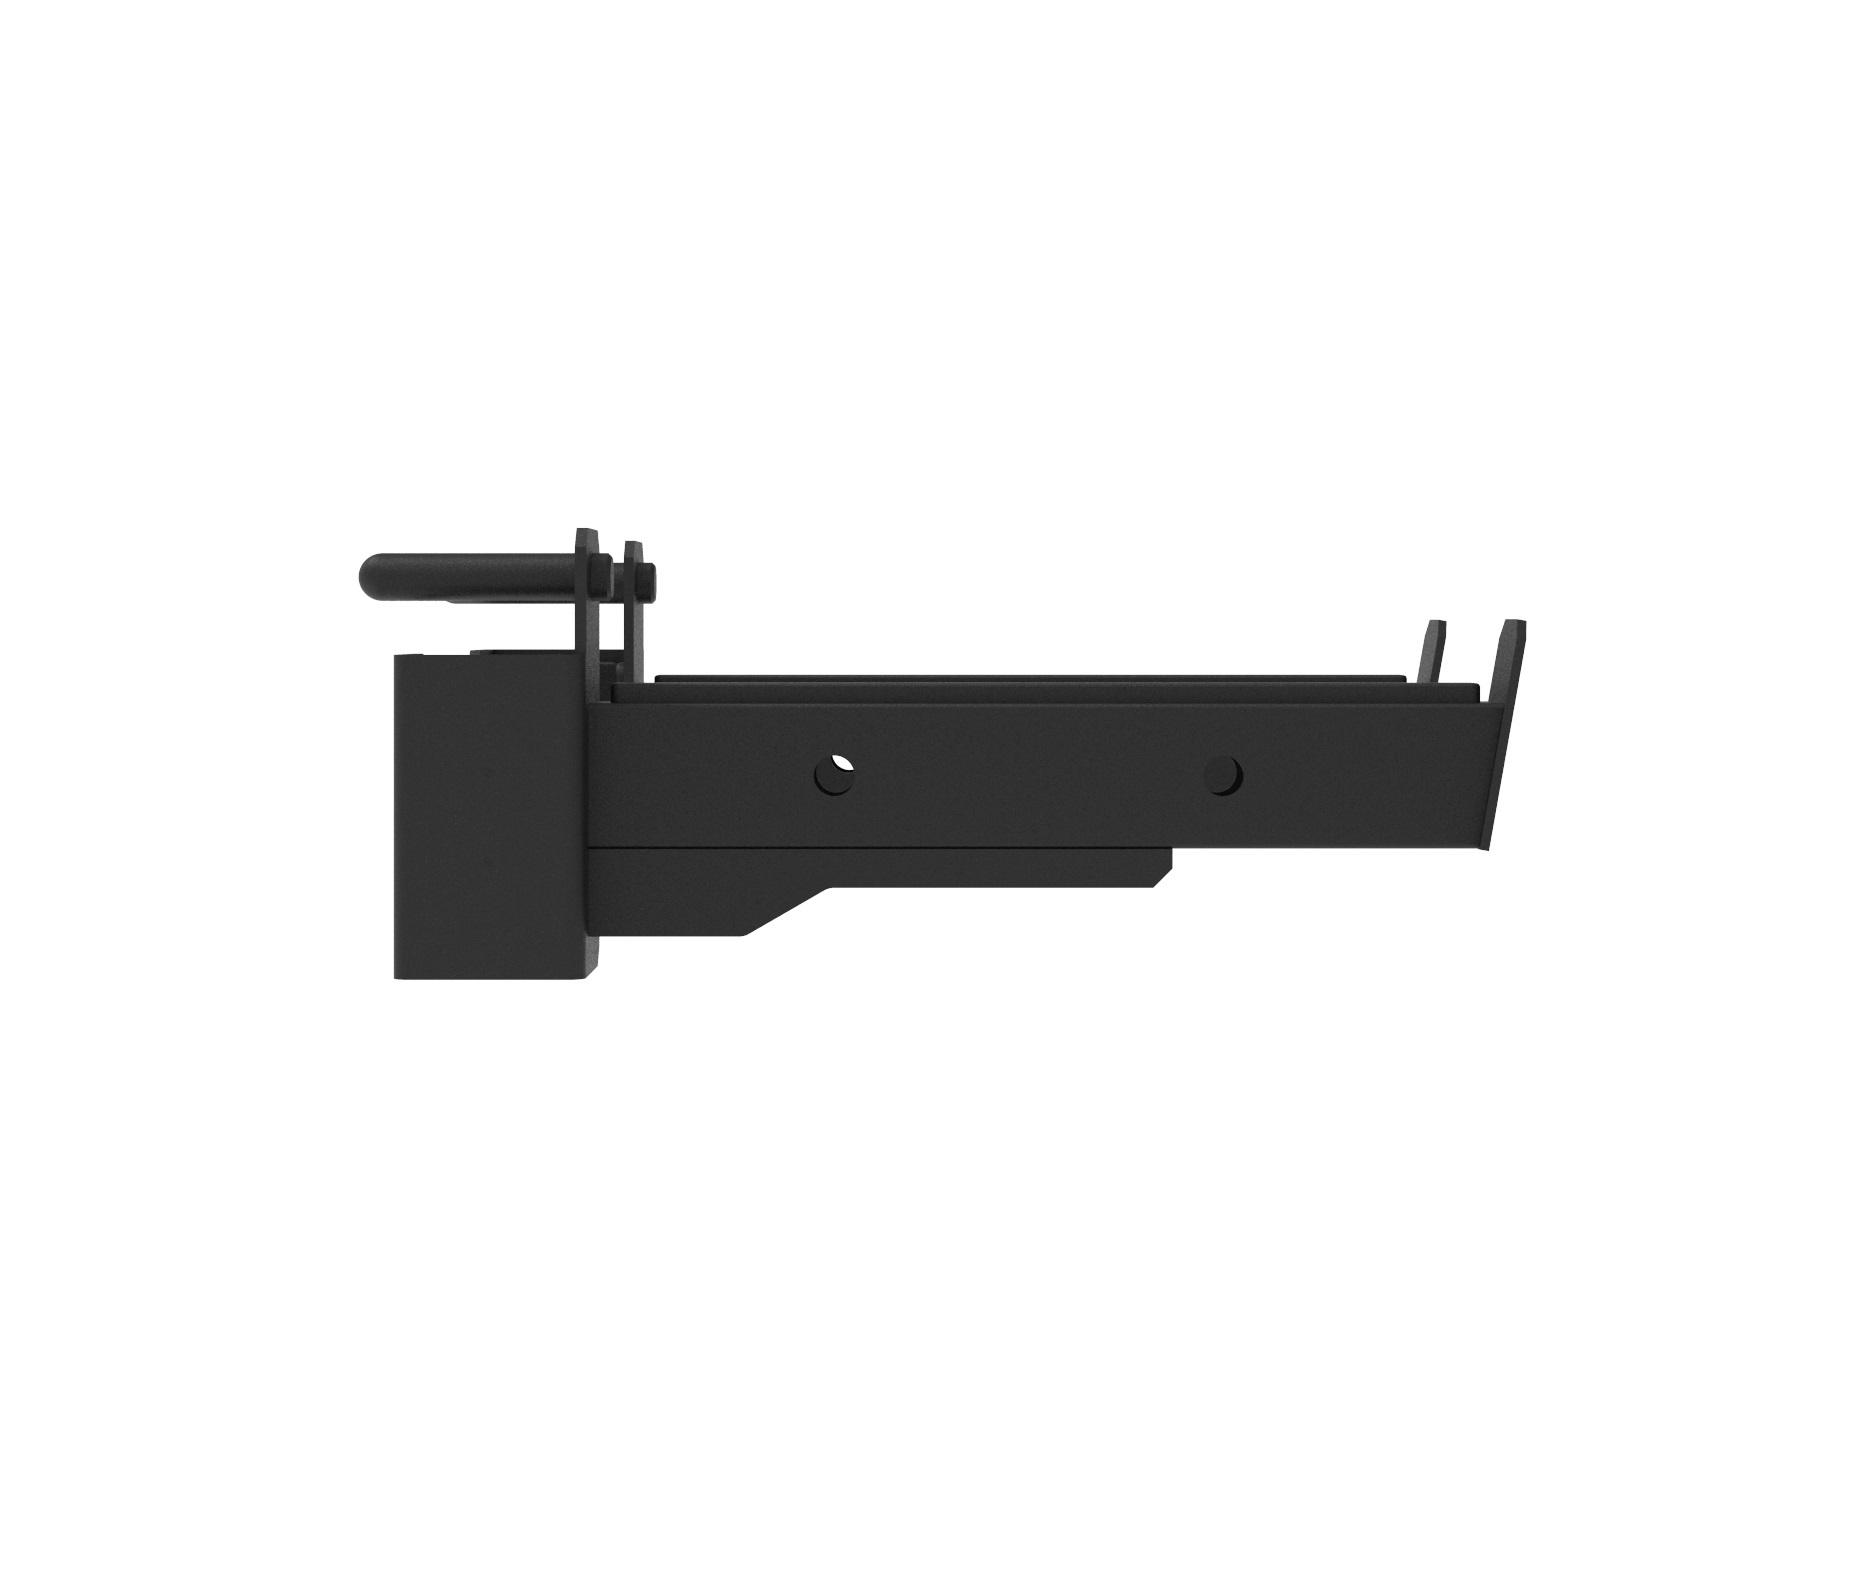 Crossmaxx® LMX1733 Crossmaxx® XL Spotting Arm set (available June)